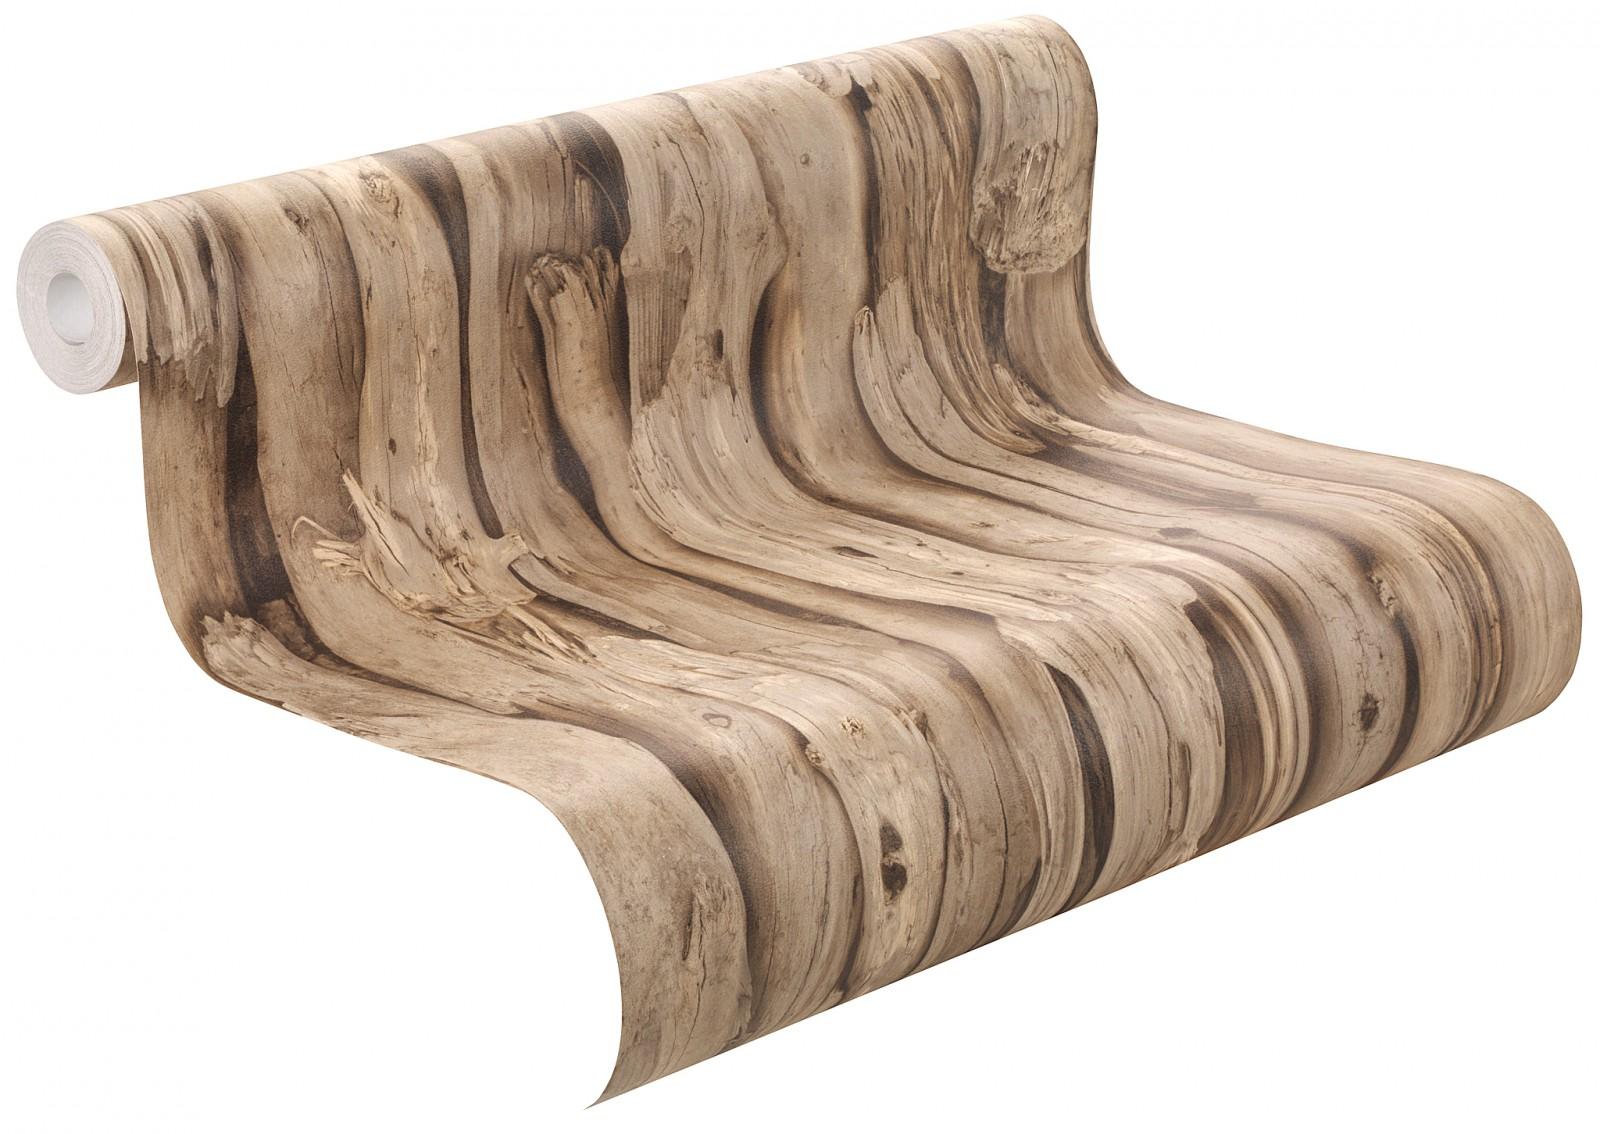 Vliestapete braun Holz Optik Struktur Rasch African Queen 2 473216 3,05€//1qm